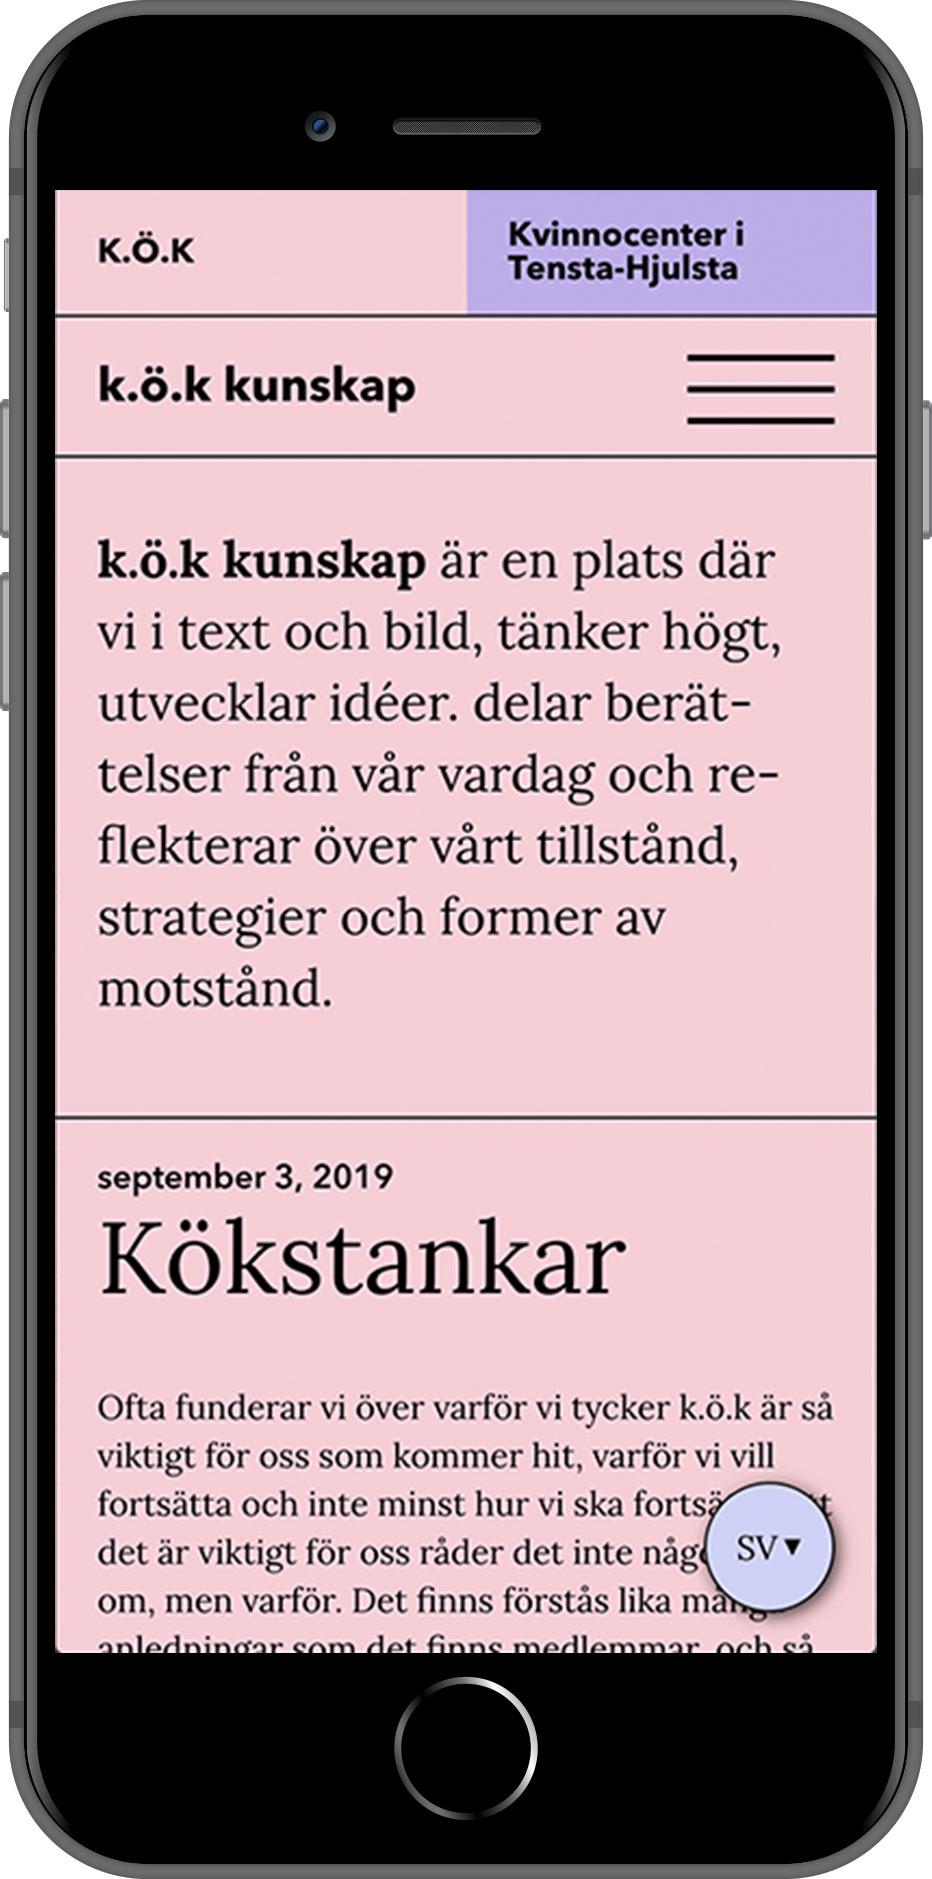 Kvinnocenter i Tensta-Hjulsta and K.Ö.K, website on phone